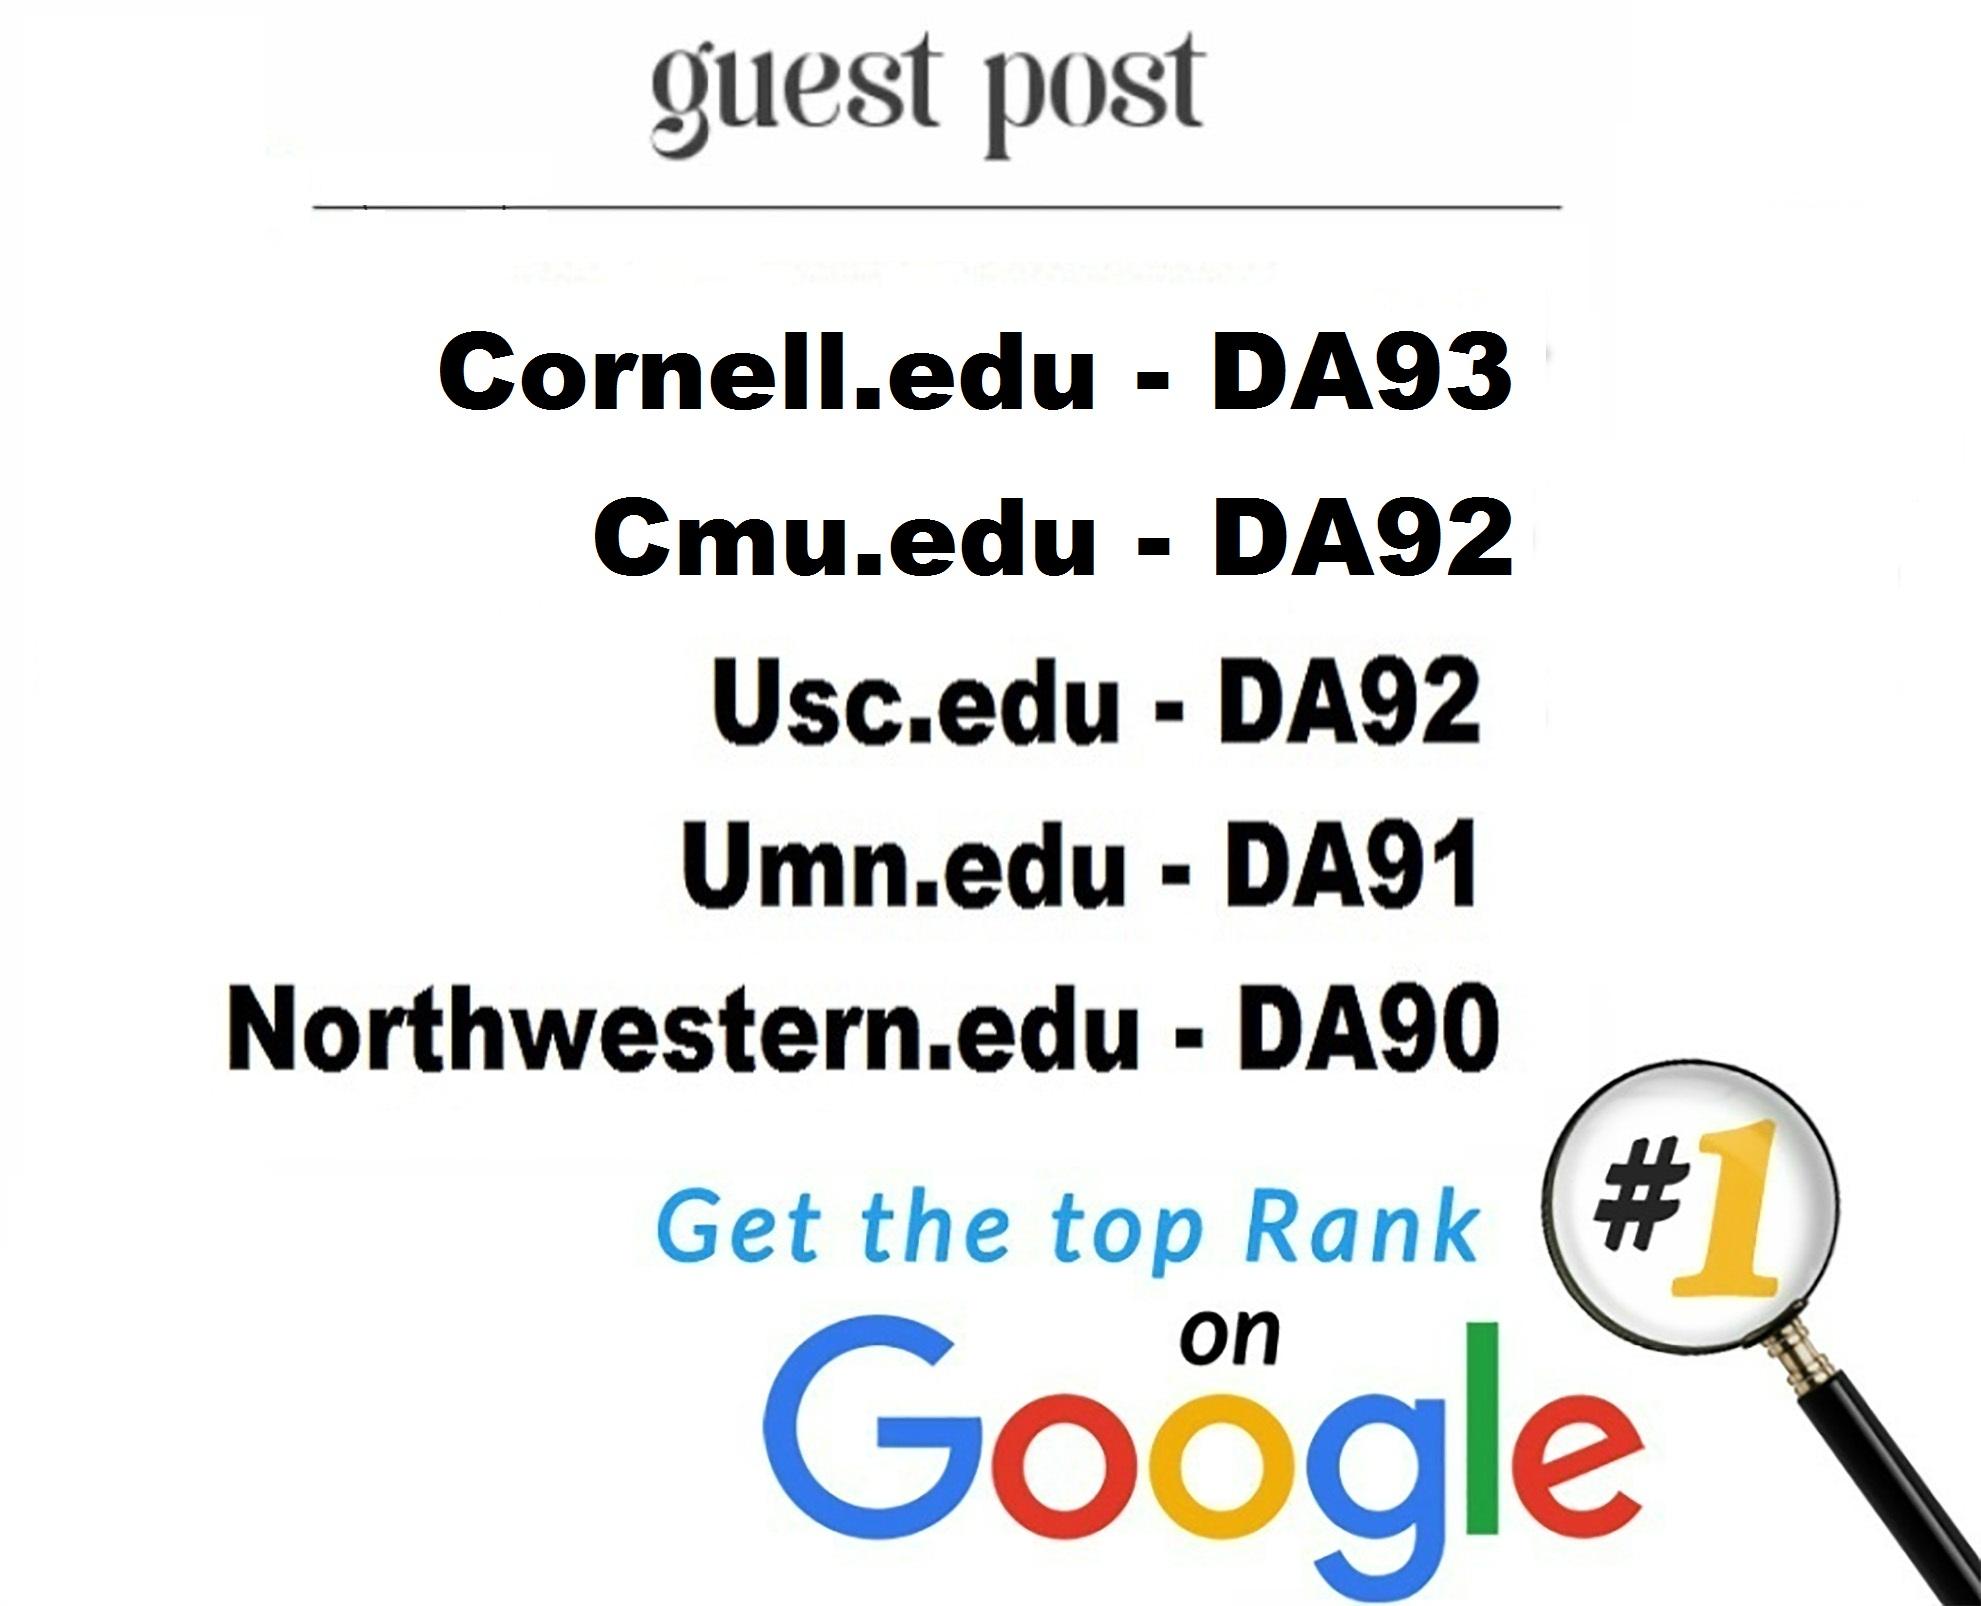 5 EDU Guest Posts on USA Universities - DA90+